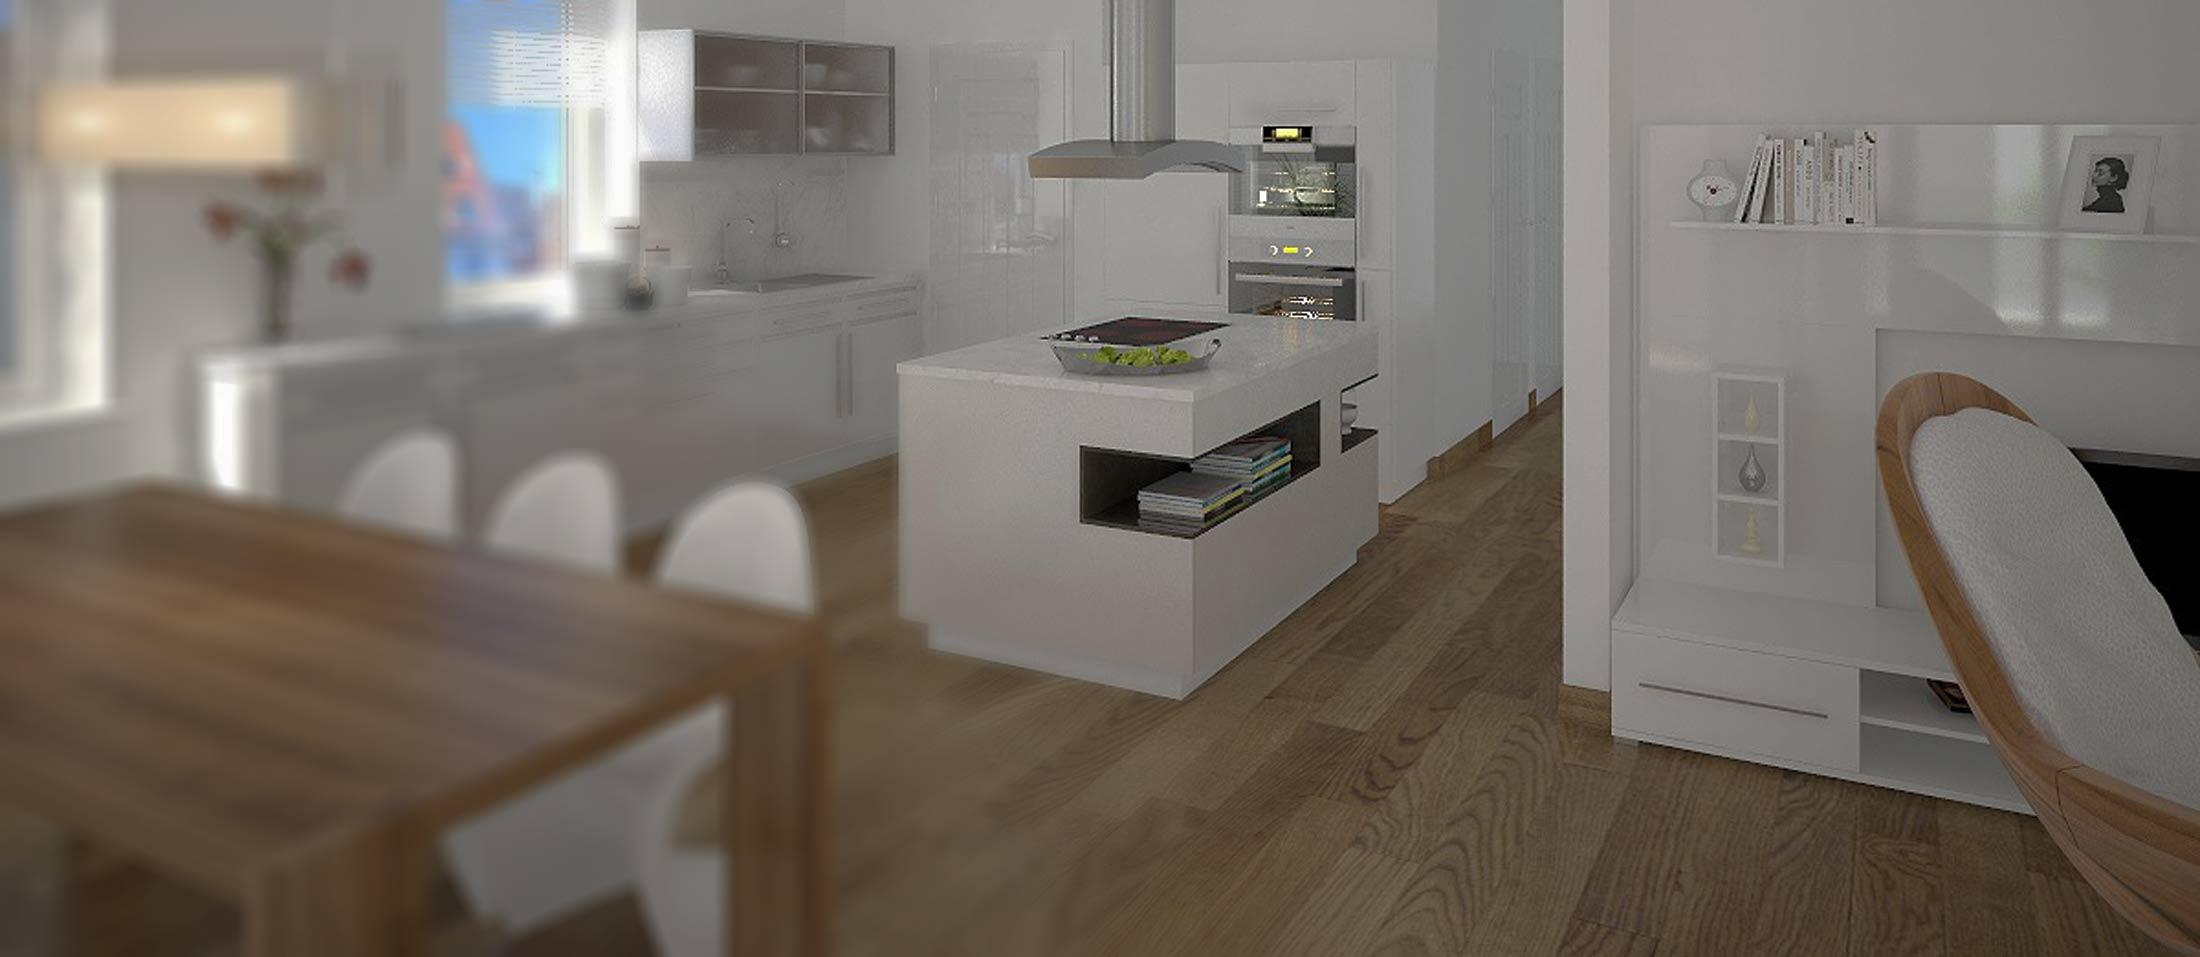 schn ppchen h user kaufen landhaus kaufen verkehrswert berechnen verkaufen haus immobilien haus. Black Bedroom Furniture Sets. Home Design Ideas